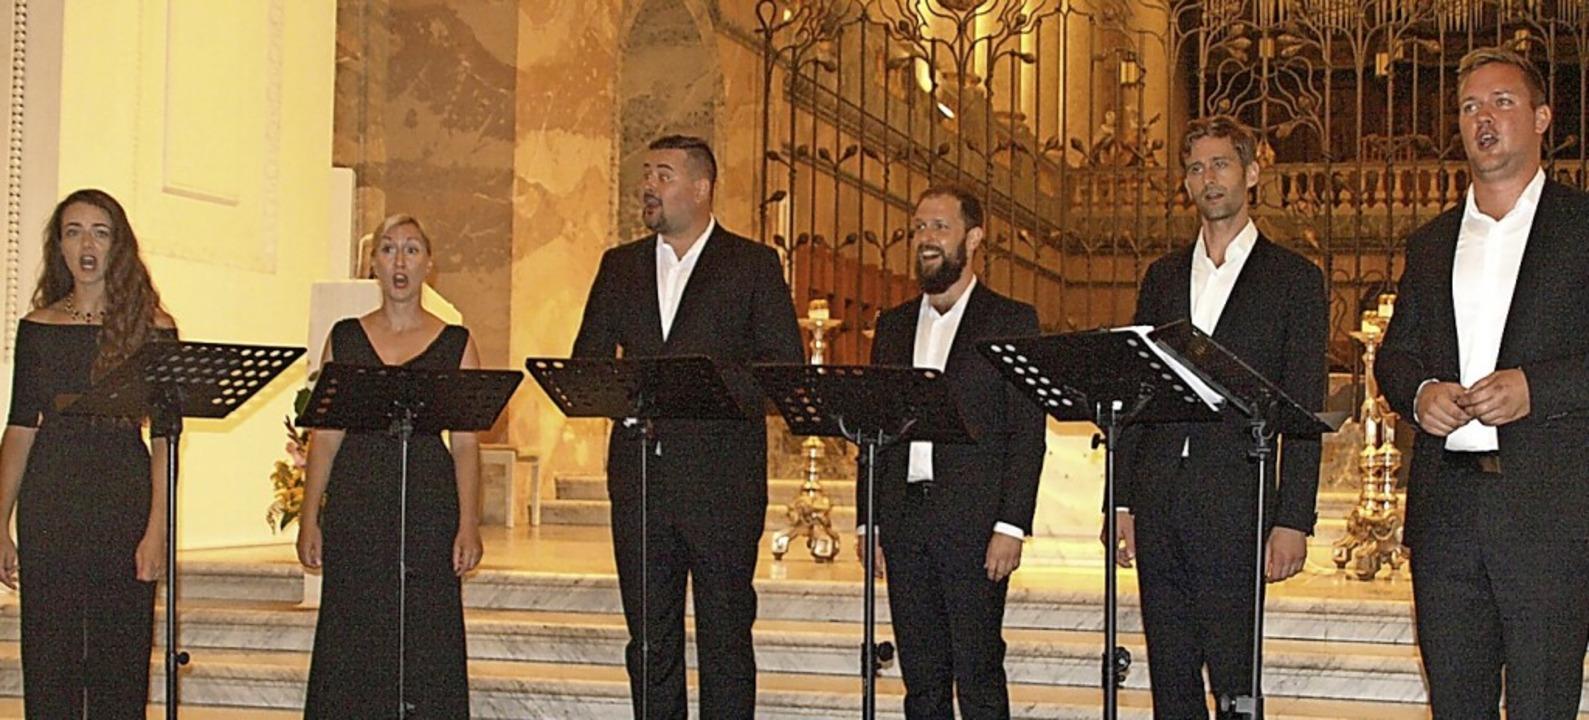 Mit einem dreiteiligen geistlichen Pro... Ingenium Ensemble im St. Blasier Dom.  | Foto: Karin Stöckl-Steinebrunner